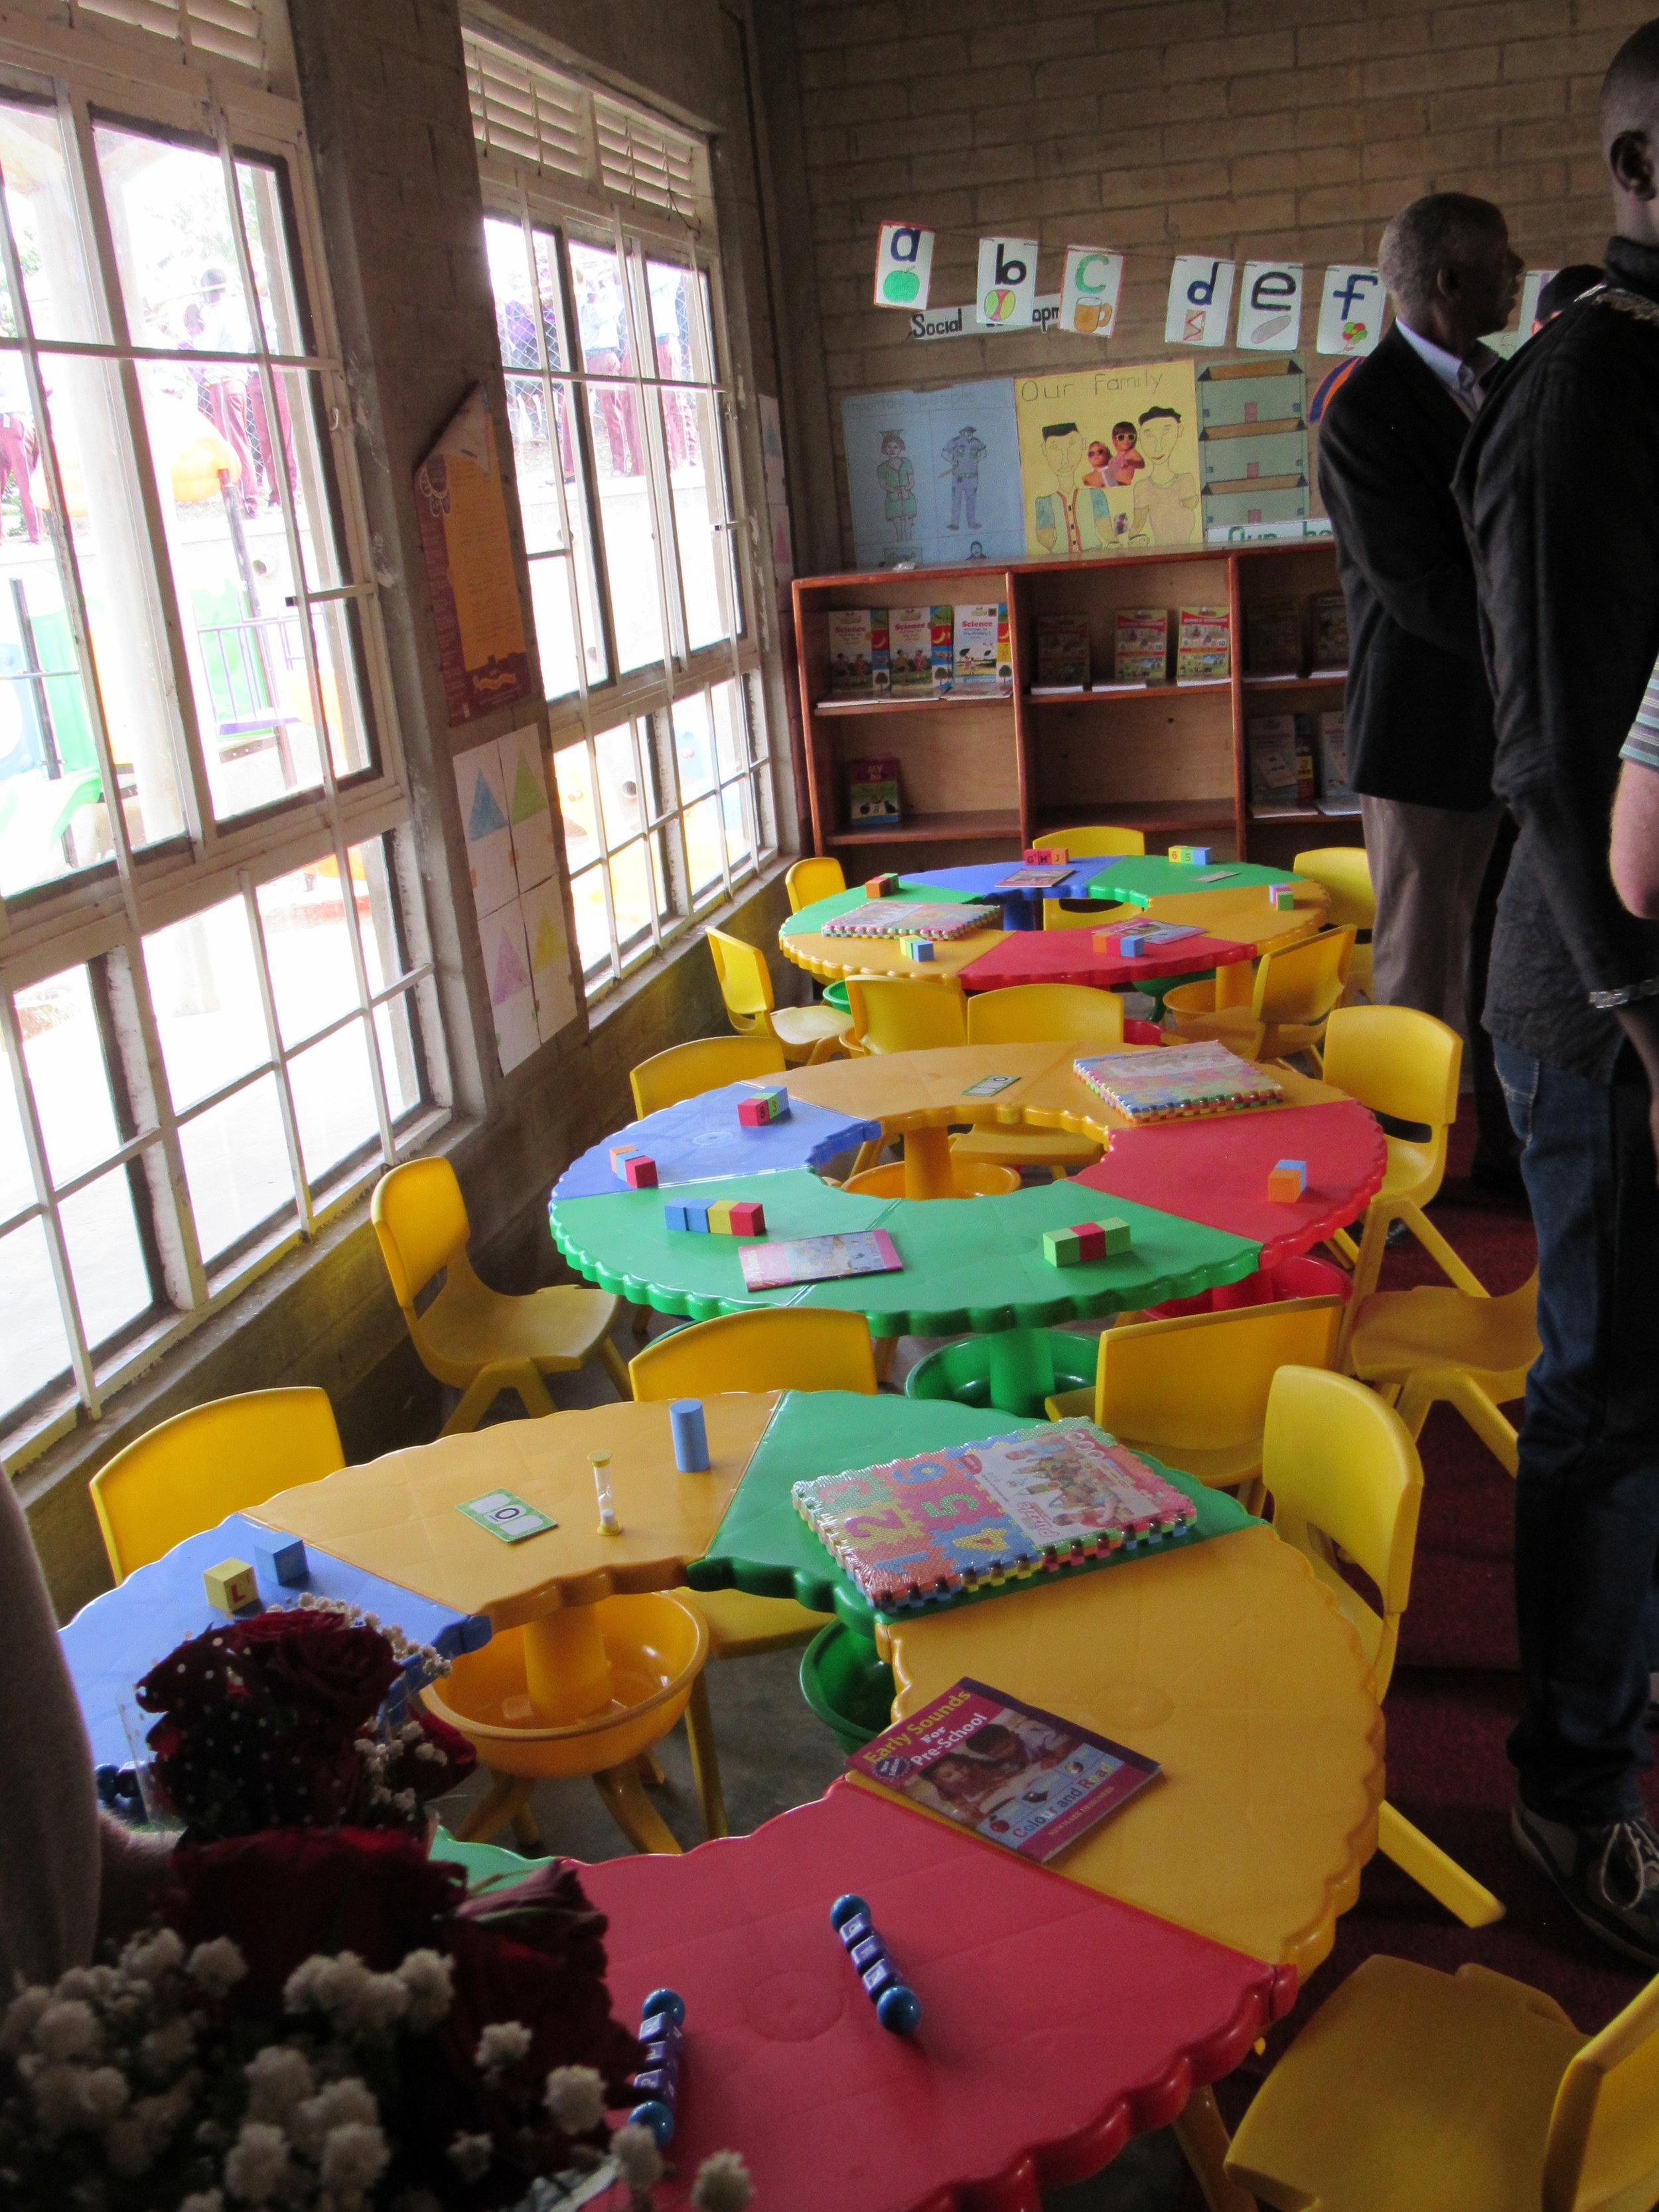 preschool interior.JPG